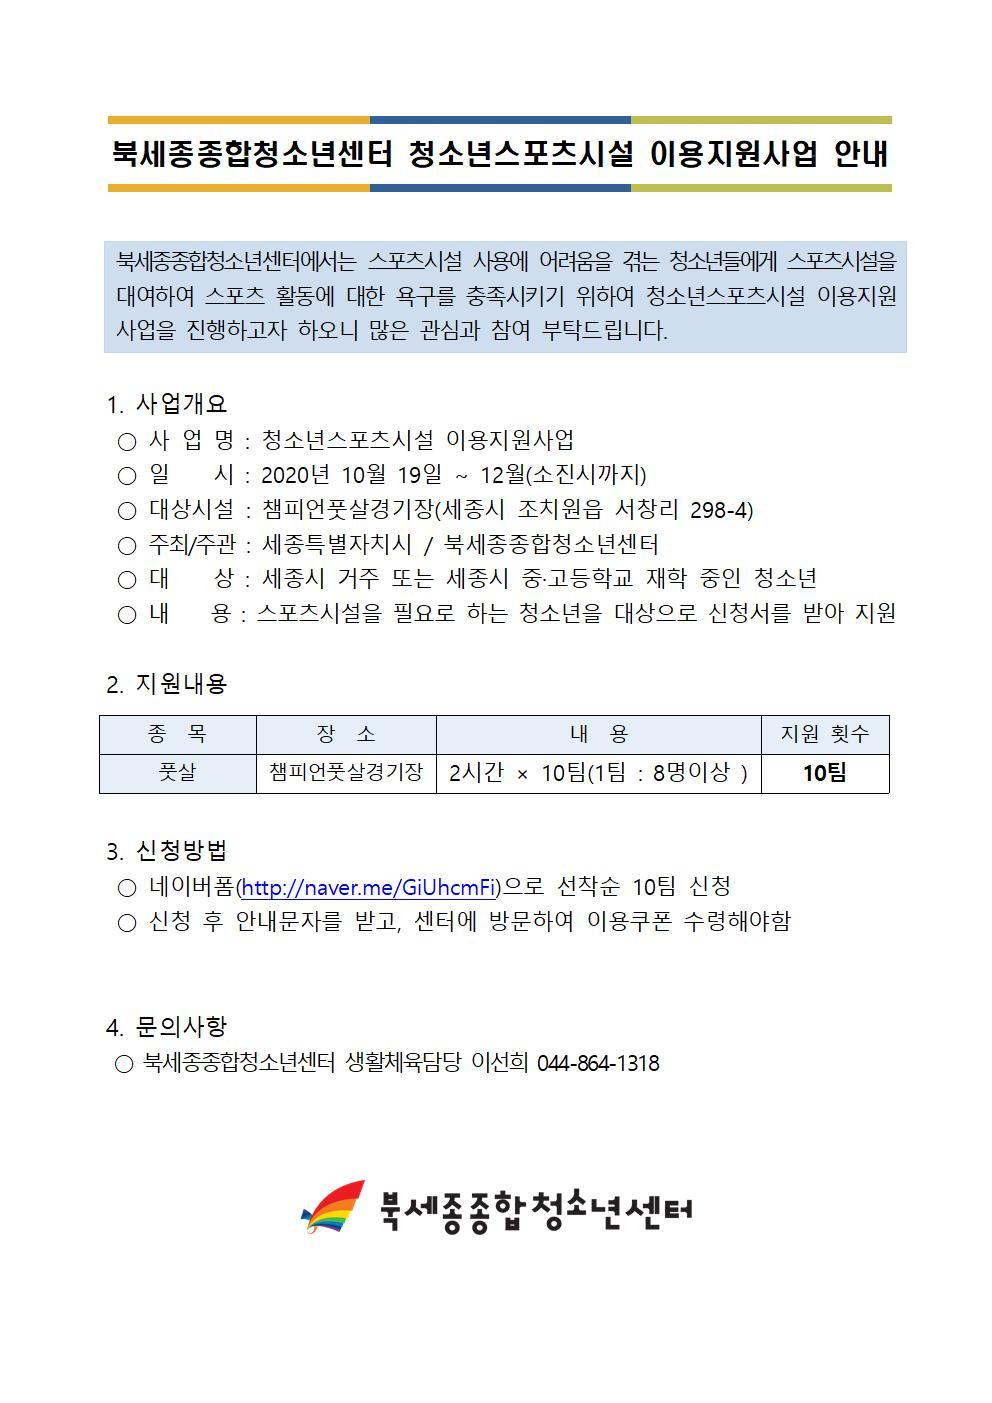 2020청소년스포츠시설 이용지원사업 안내문001.jpg